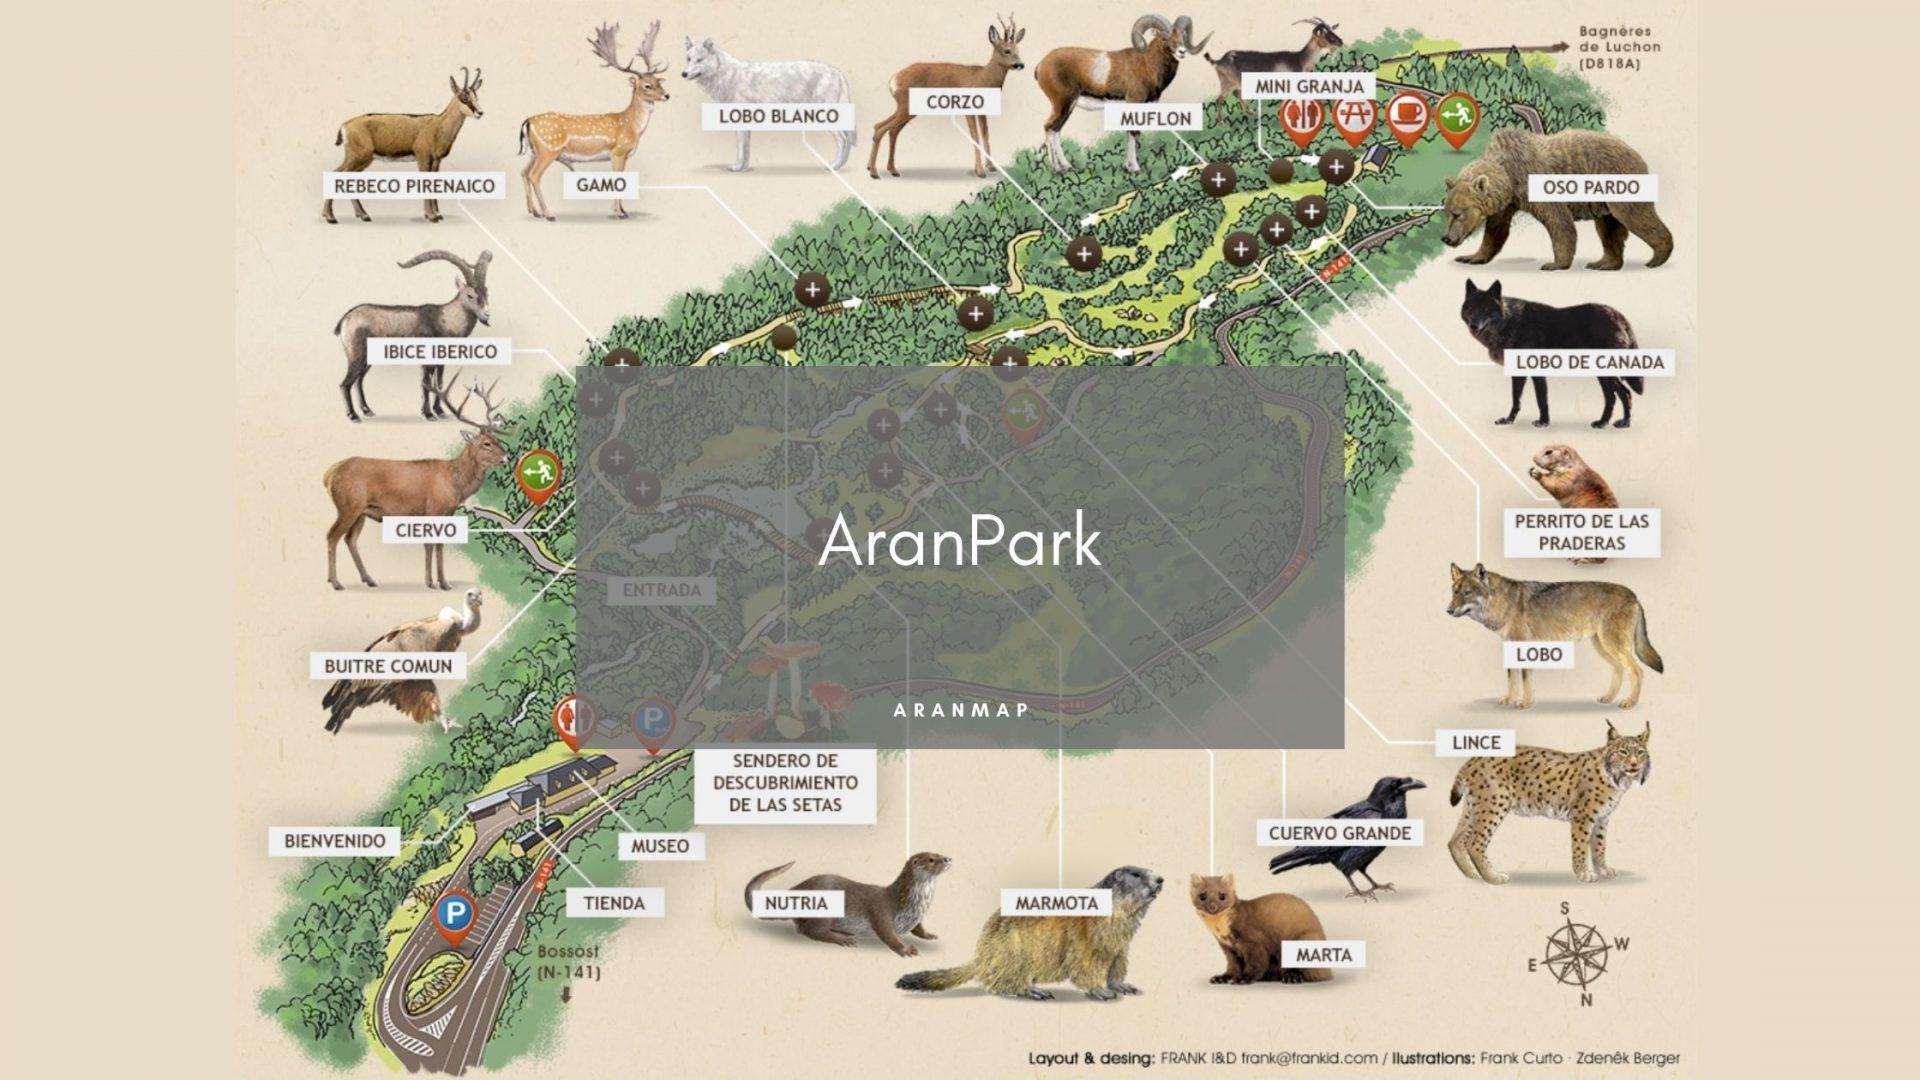 Parque Temático Animales Aran Park